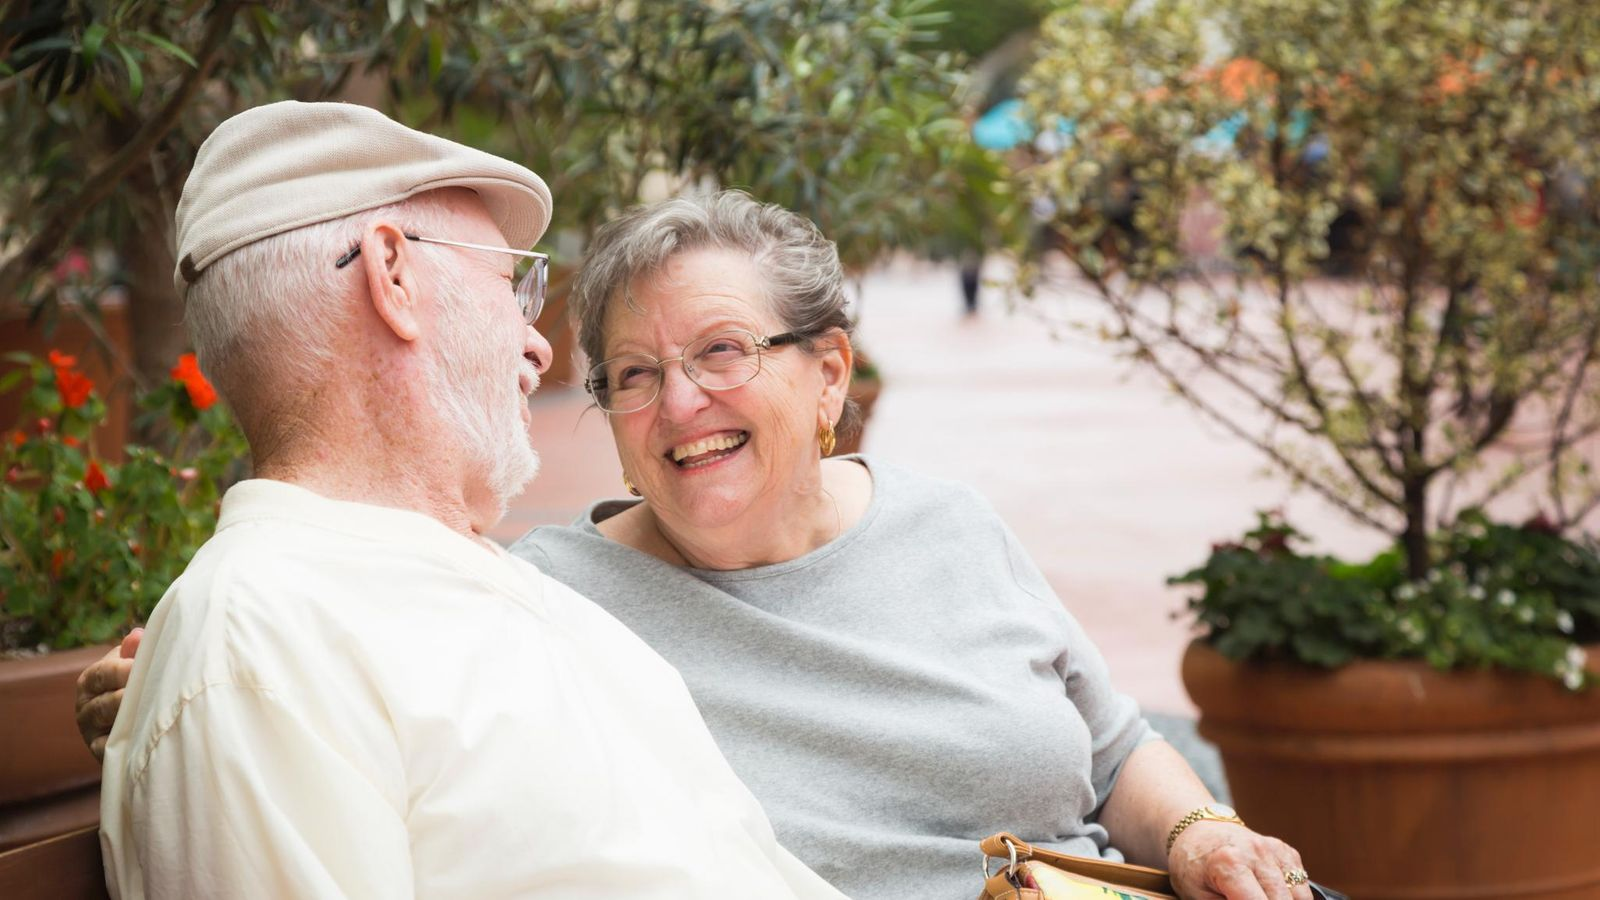 ei online dating johtaa onnistuneita suhteita